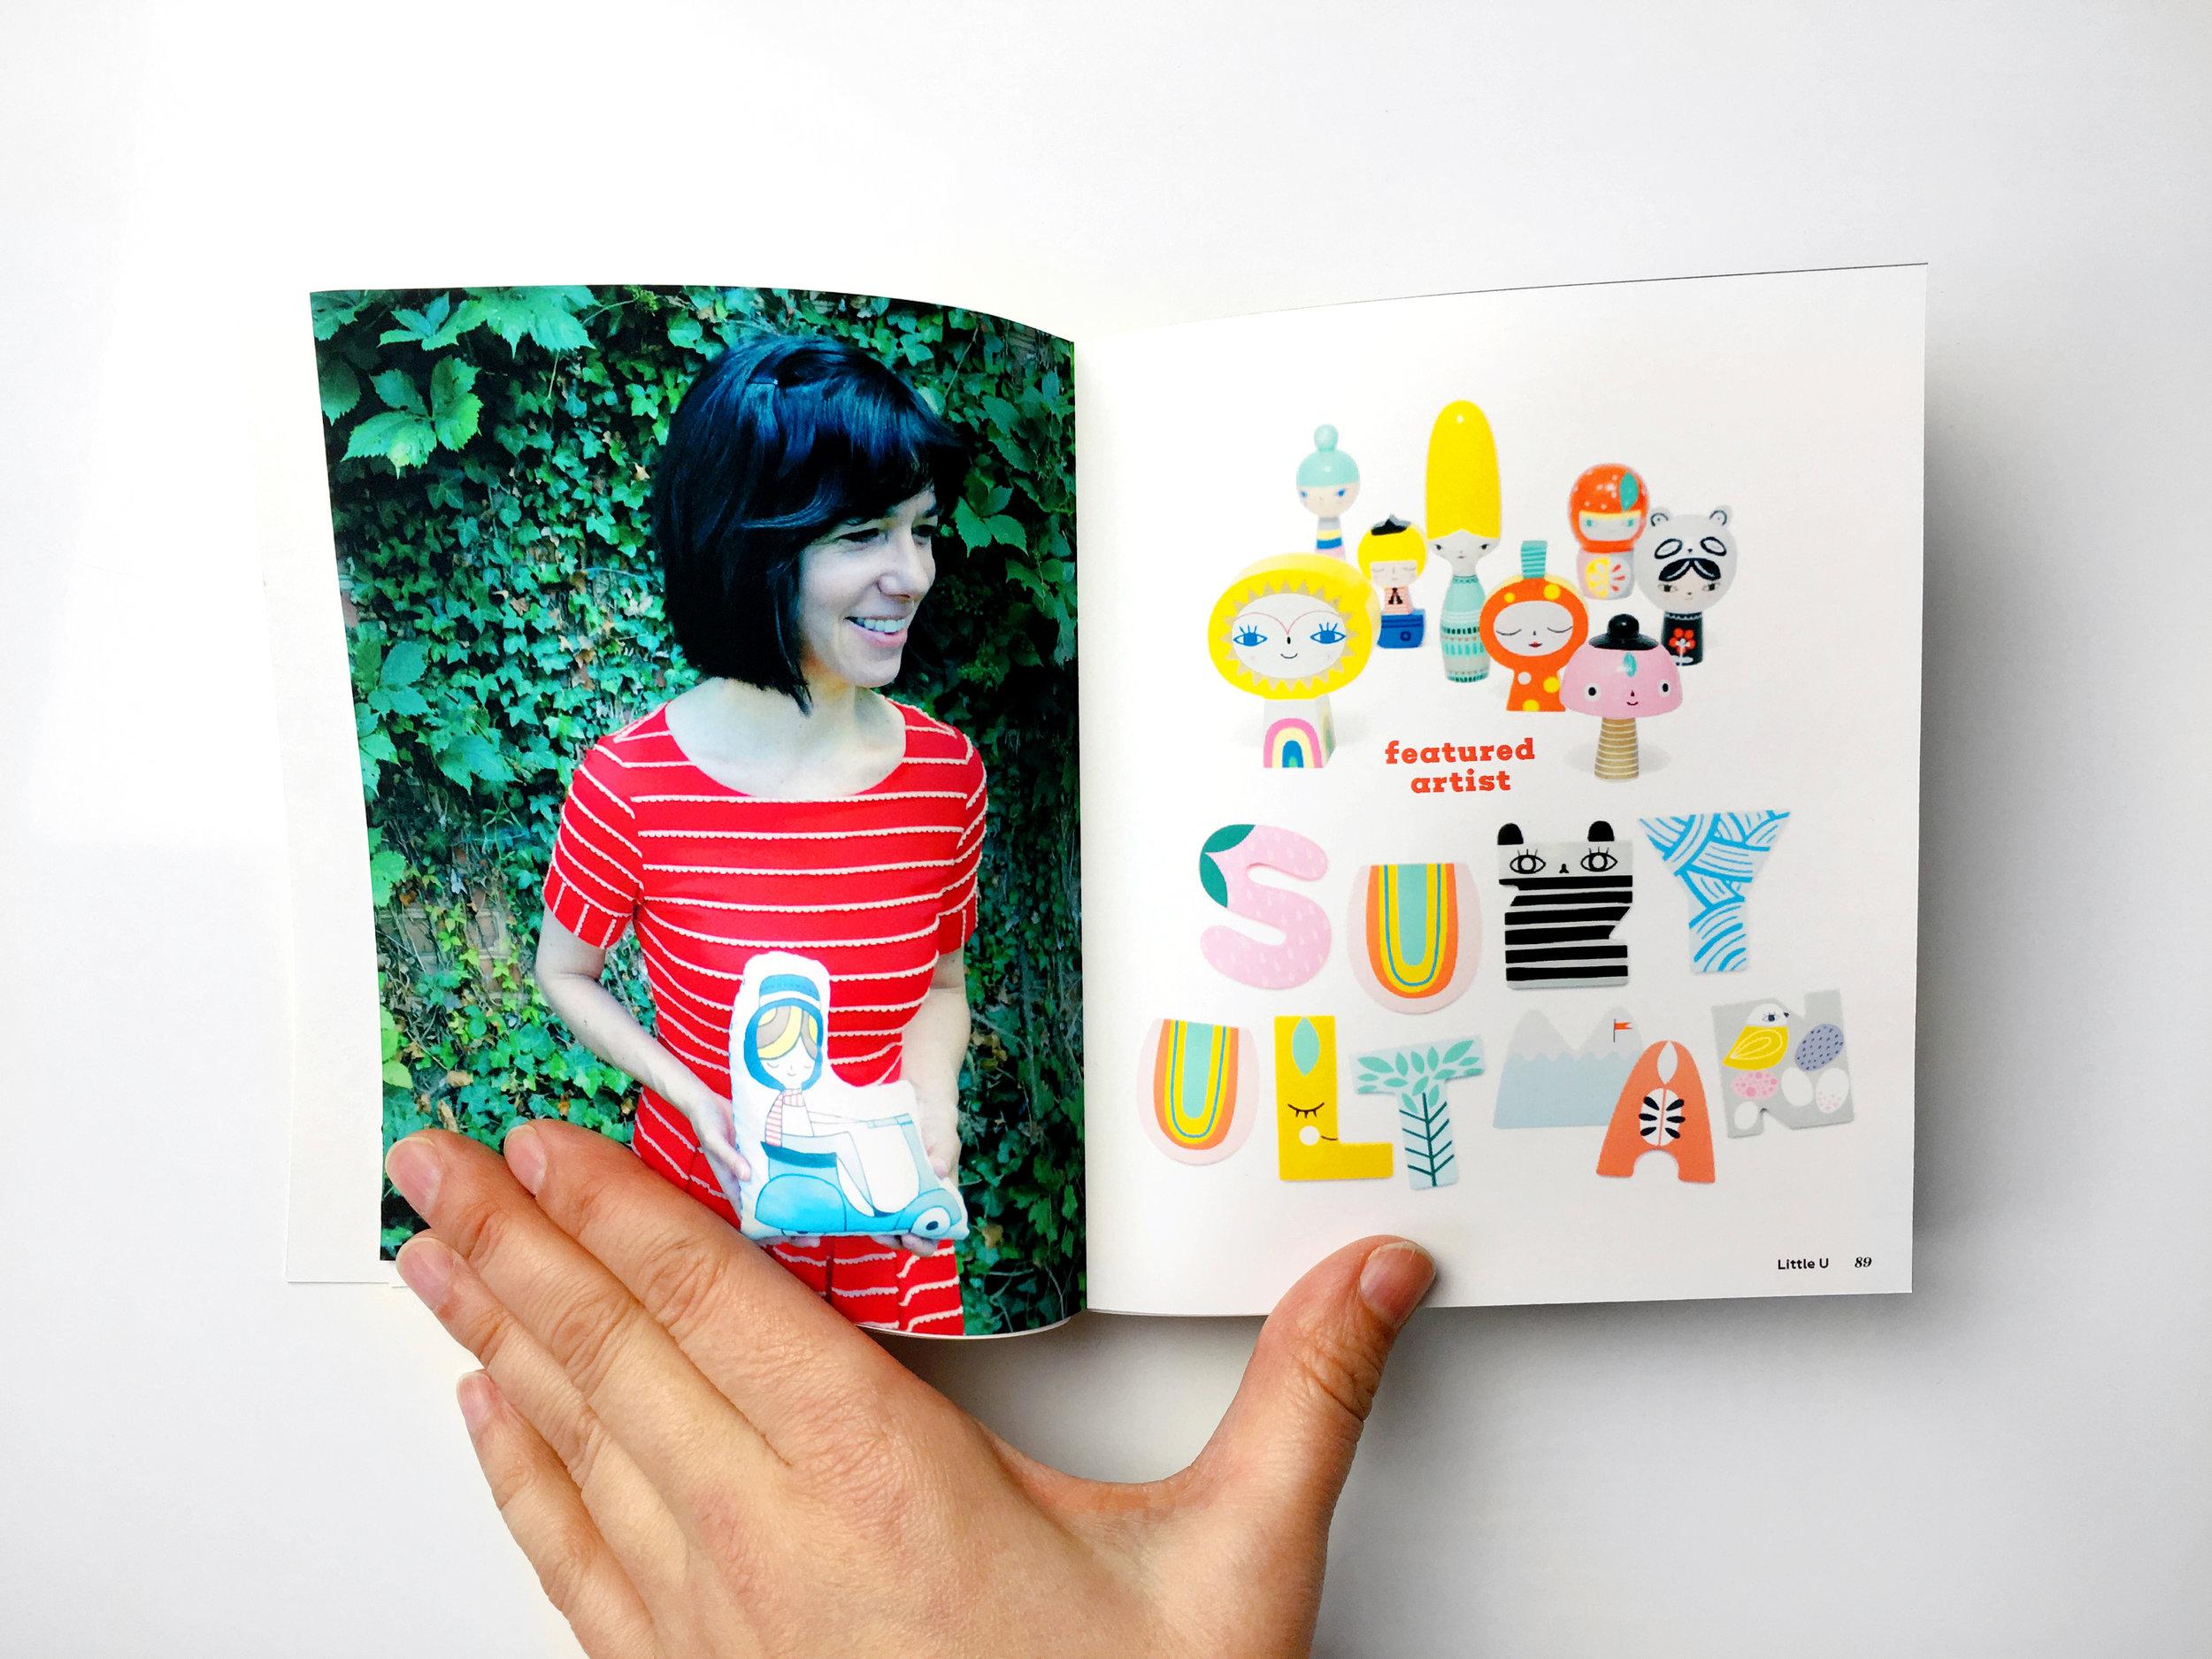 LittleU-printouts-008.JPG